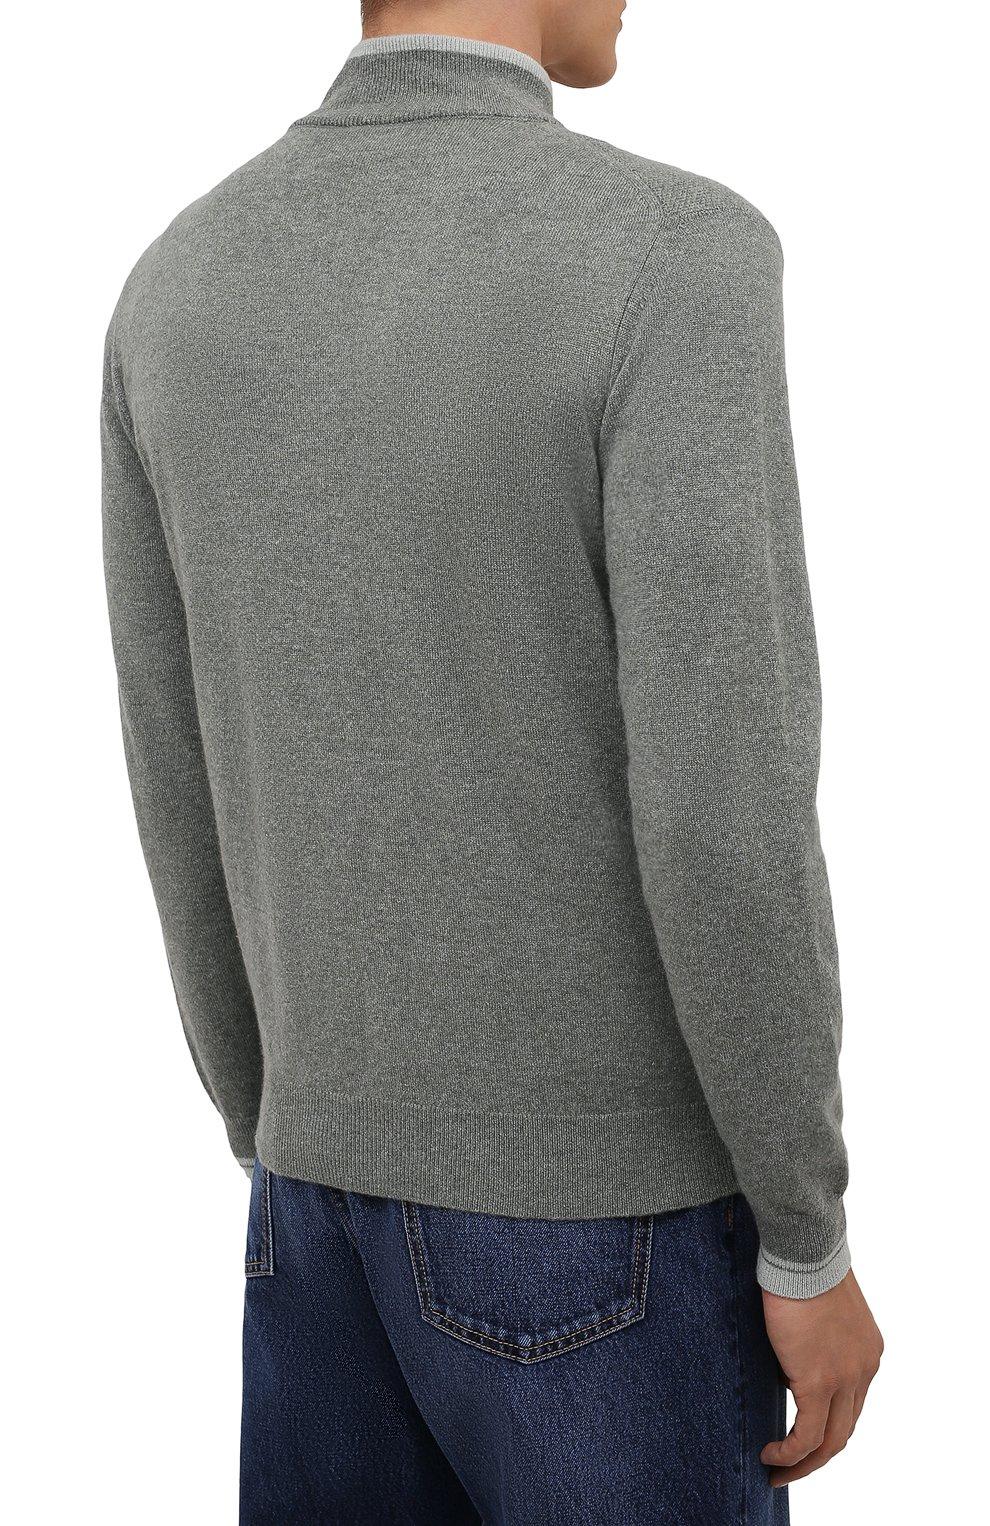 Мужской кашемировый кардиган FEDELI серого цвета, арт. 4UI08065 | Фото 4 (Мужское Кросс-КТ: Кардиган-одежда; Материал внешний: Шерсть, Кашемир; Рукава: Длинные; Длина (для топов): Стандартные; Стили: Кэжуэл)